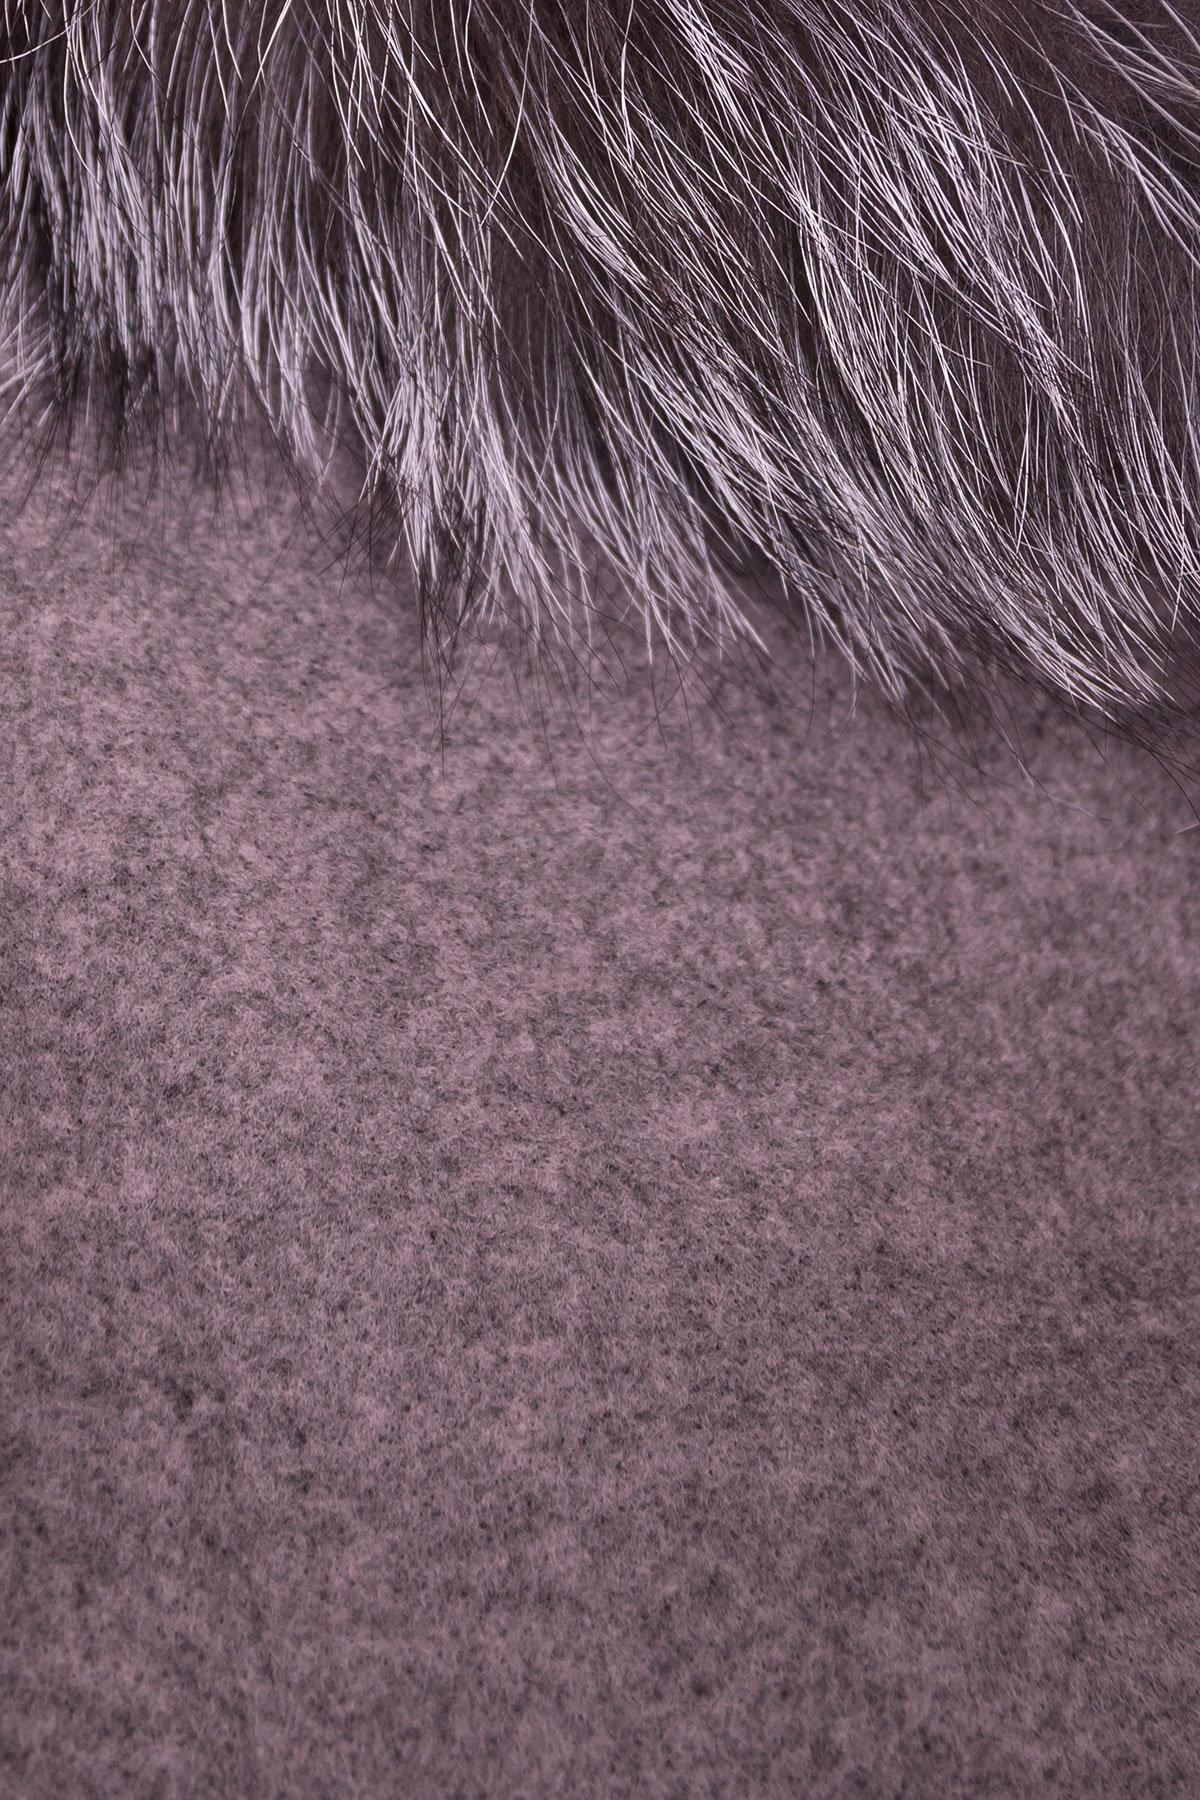 Пальто зима Приора 5669 АРТ. 38174 Цвет: Карамель 20 - фото 6, интернет магазин tm-modus.ru